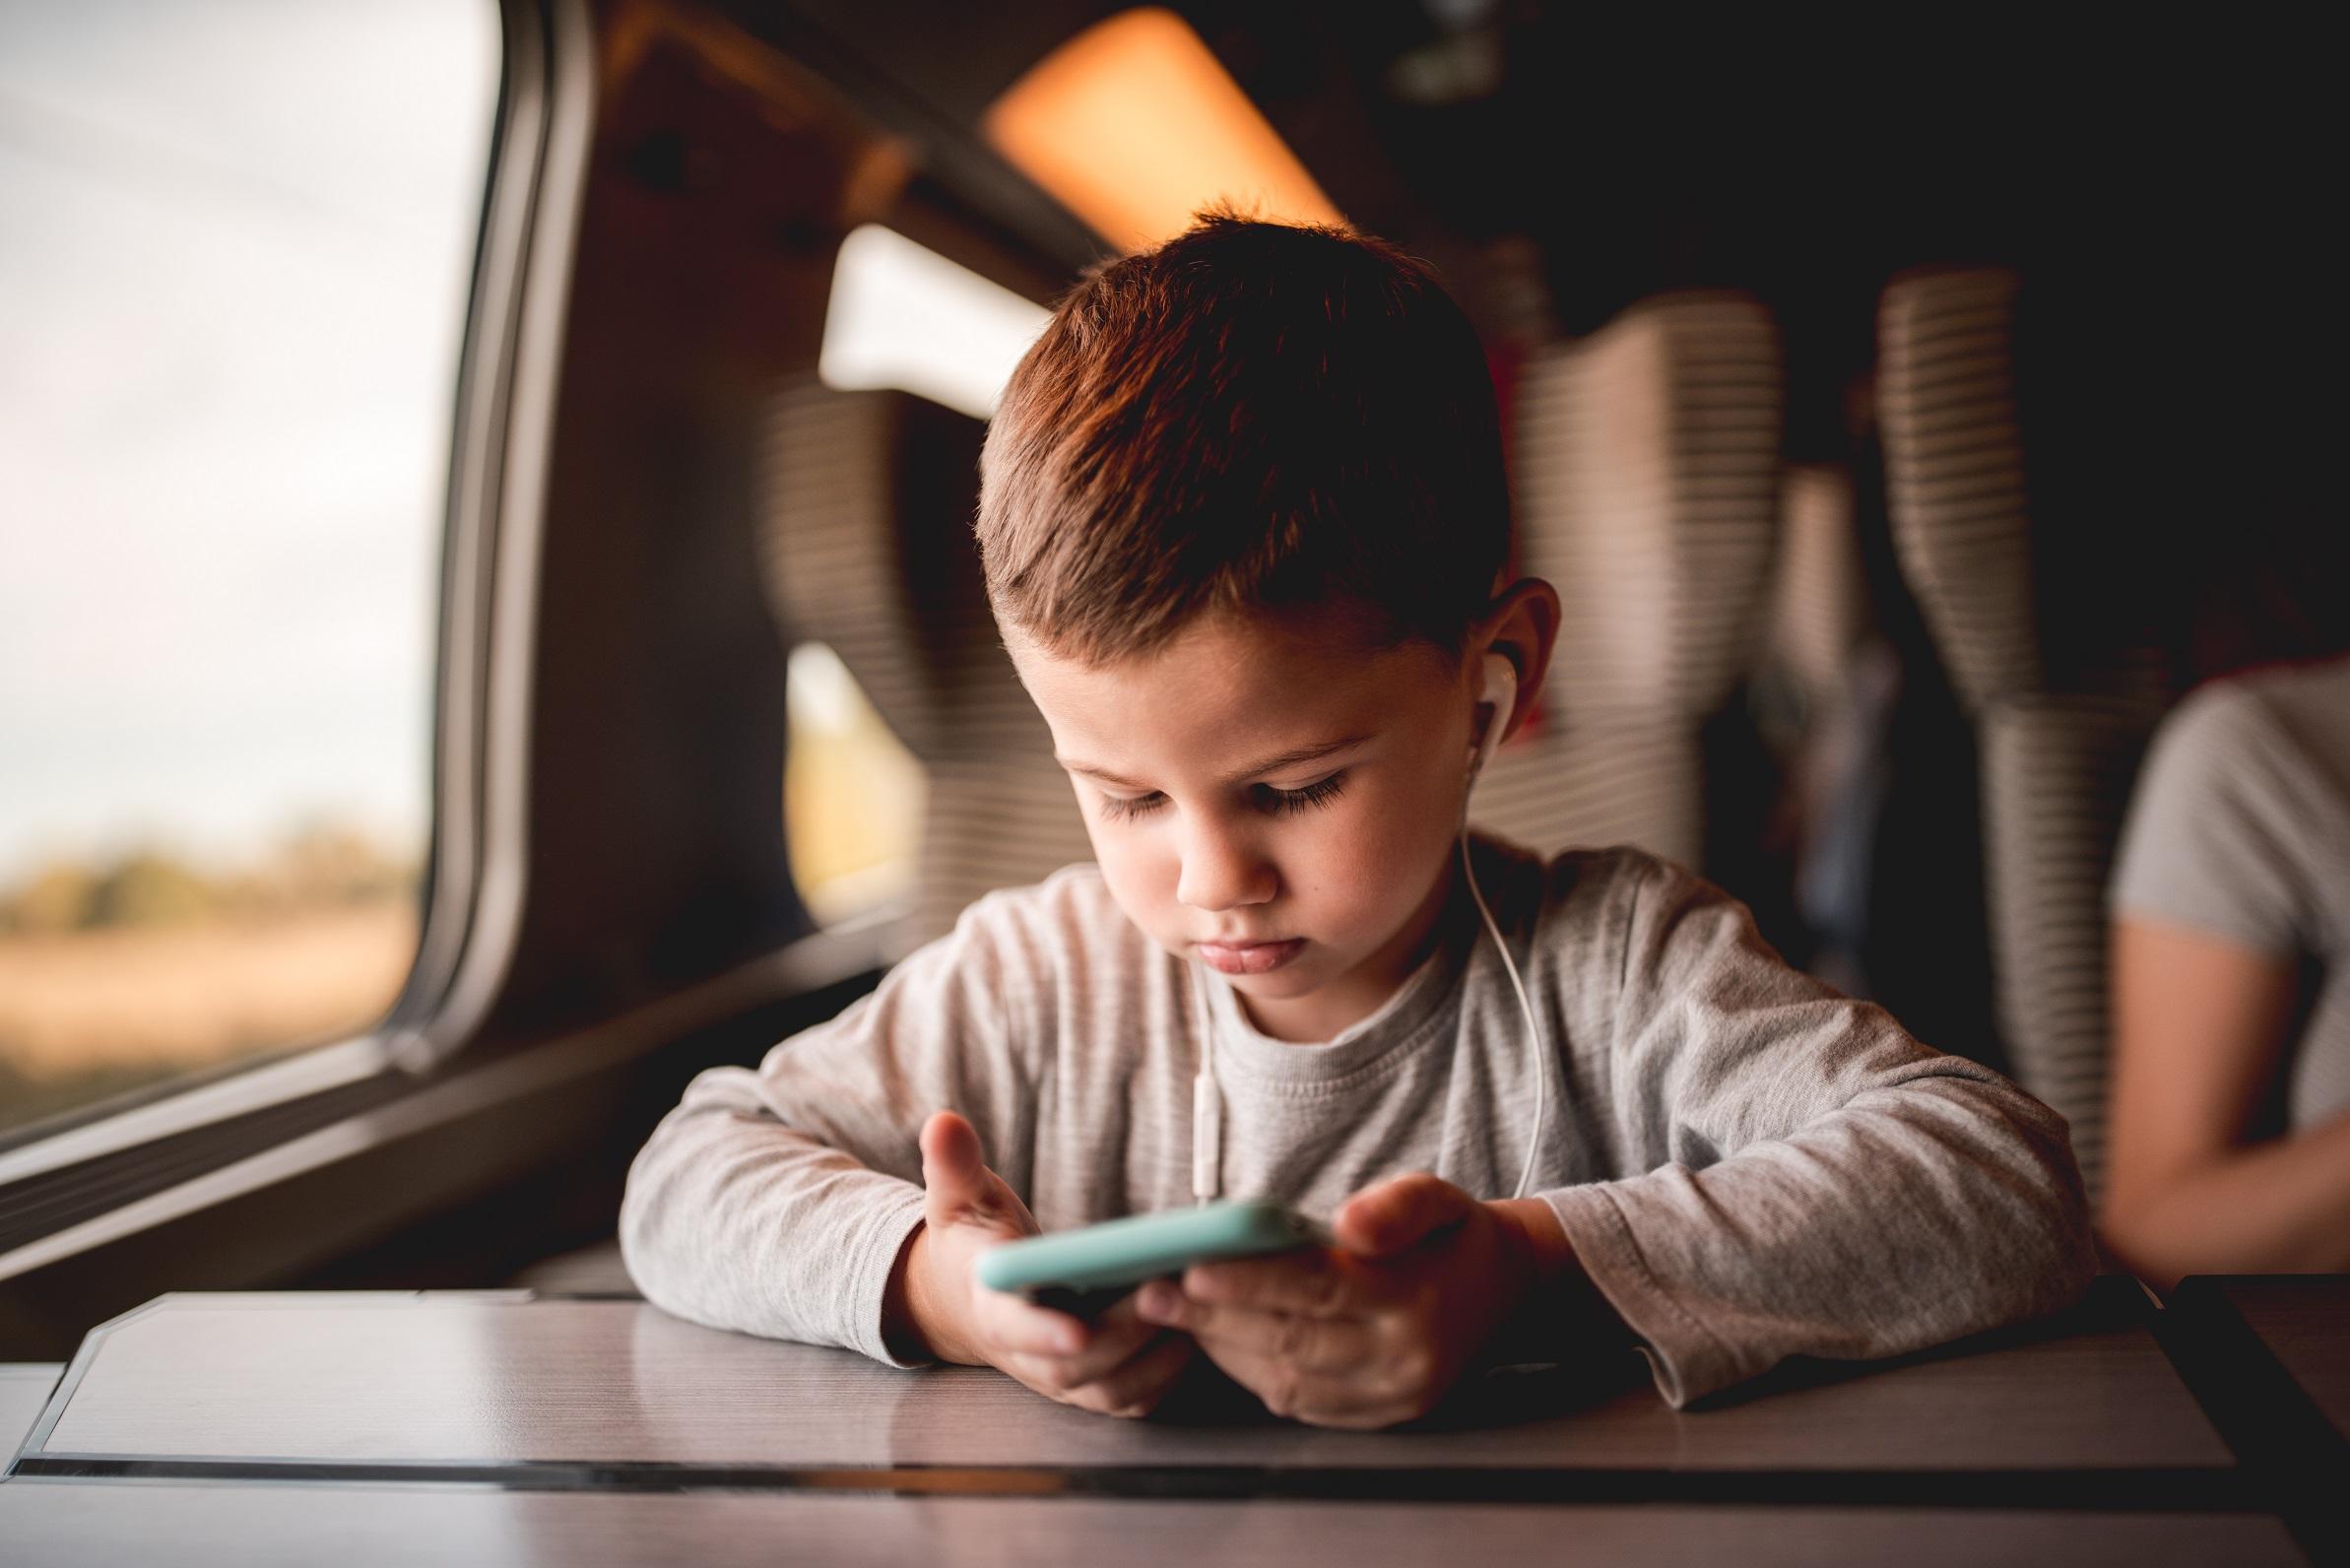 아이폰에서 갤럭시로 스마트폰을 바꾸고 나서 깨닫게 된, 혁신에 관하여.